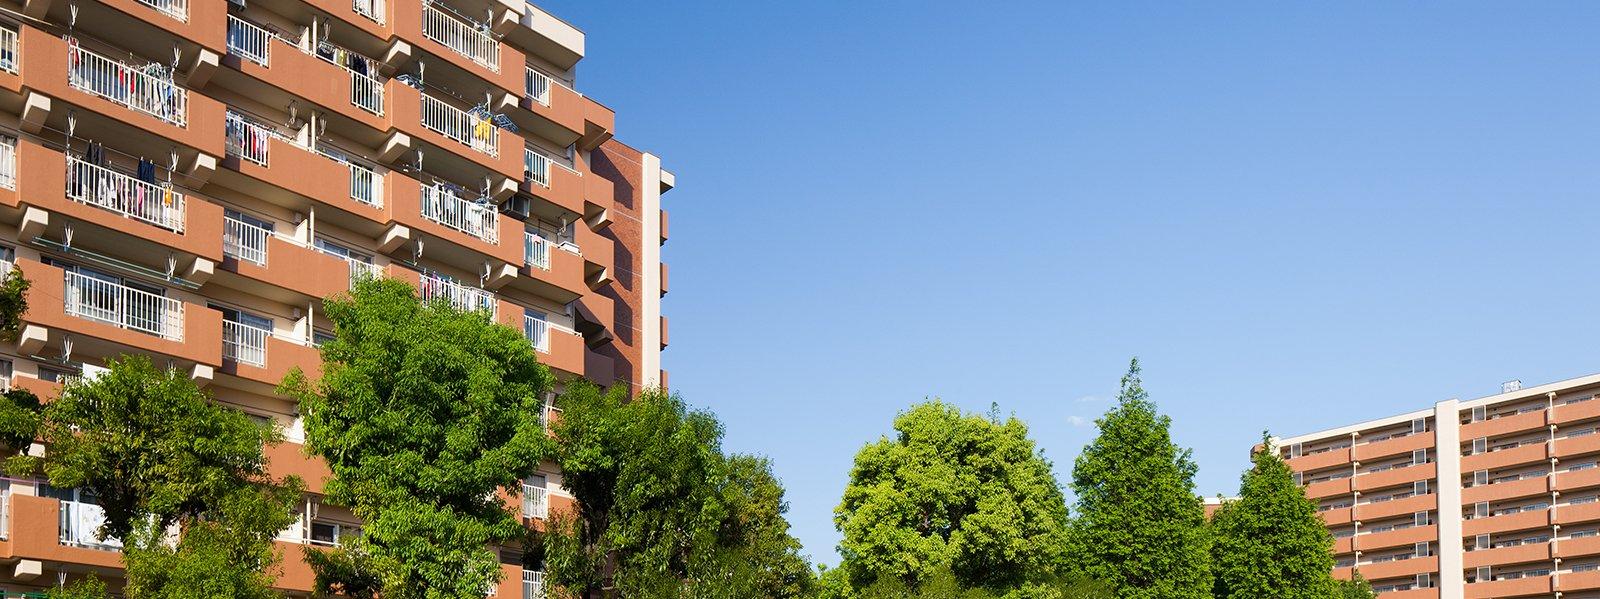 Contratto di affitto una guida con tutto quello che c 39 da sapere cose di casa - Contratto locazione casa vacanze ...